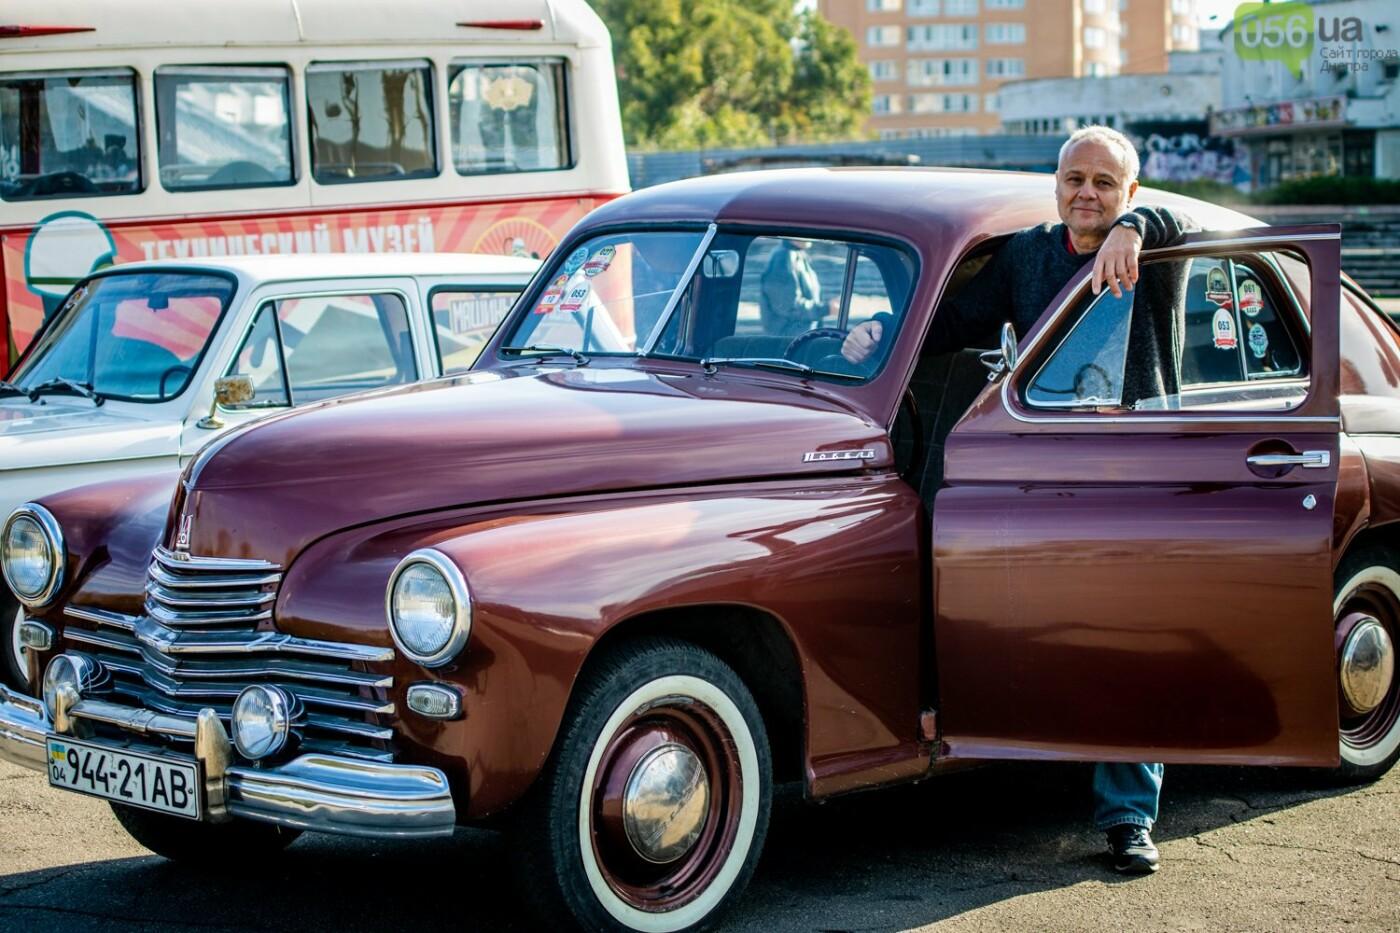 «Реставрация – это недешевое хобби»: как в Днепре проходит встреча владельцев ретро-автомобилей, - ФОТОРЕПОРТАЖ, фото-11